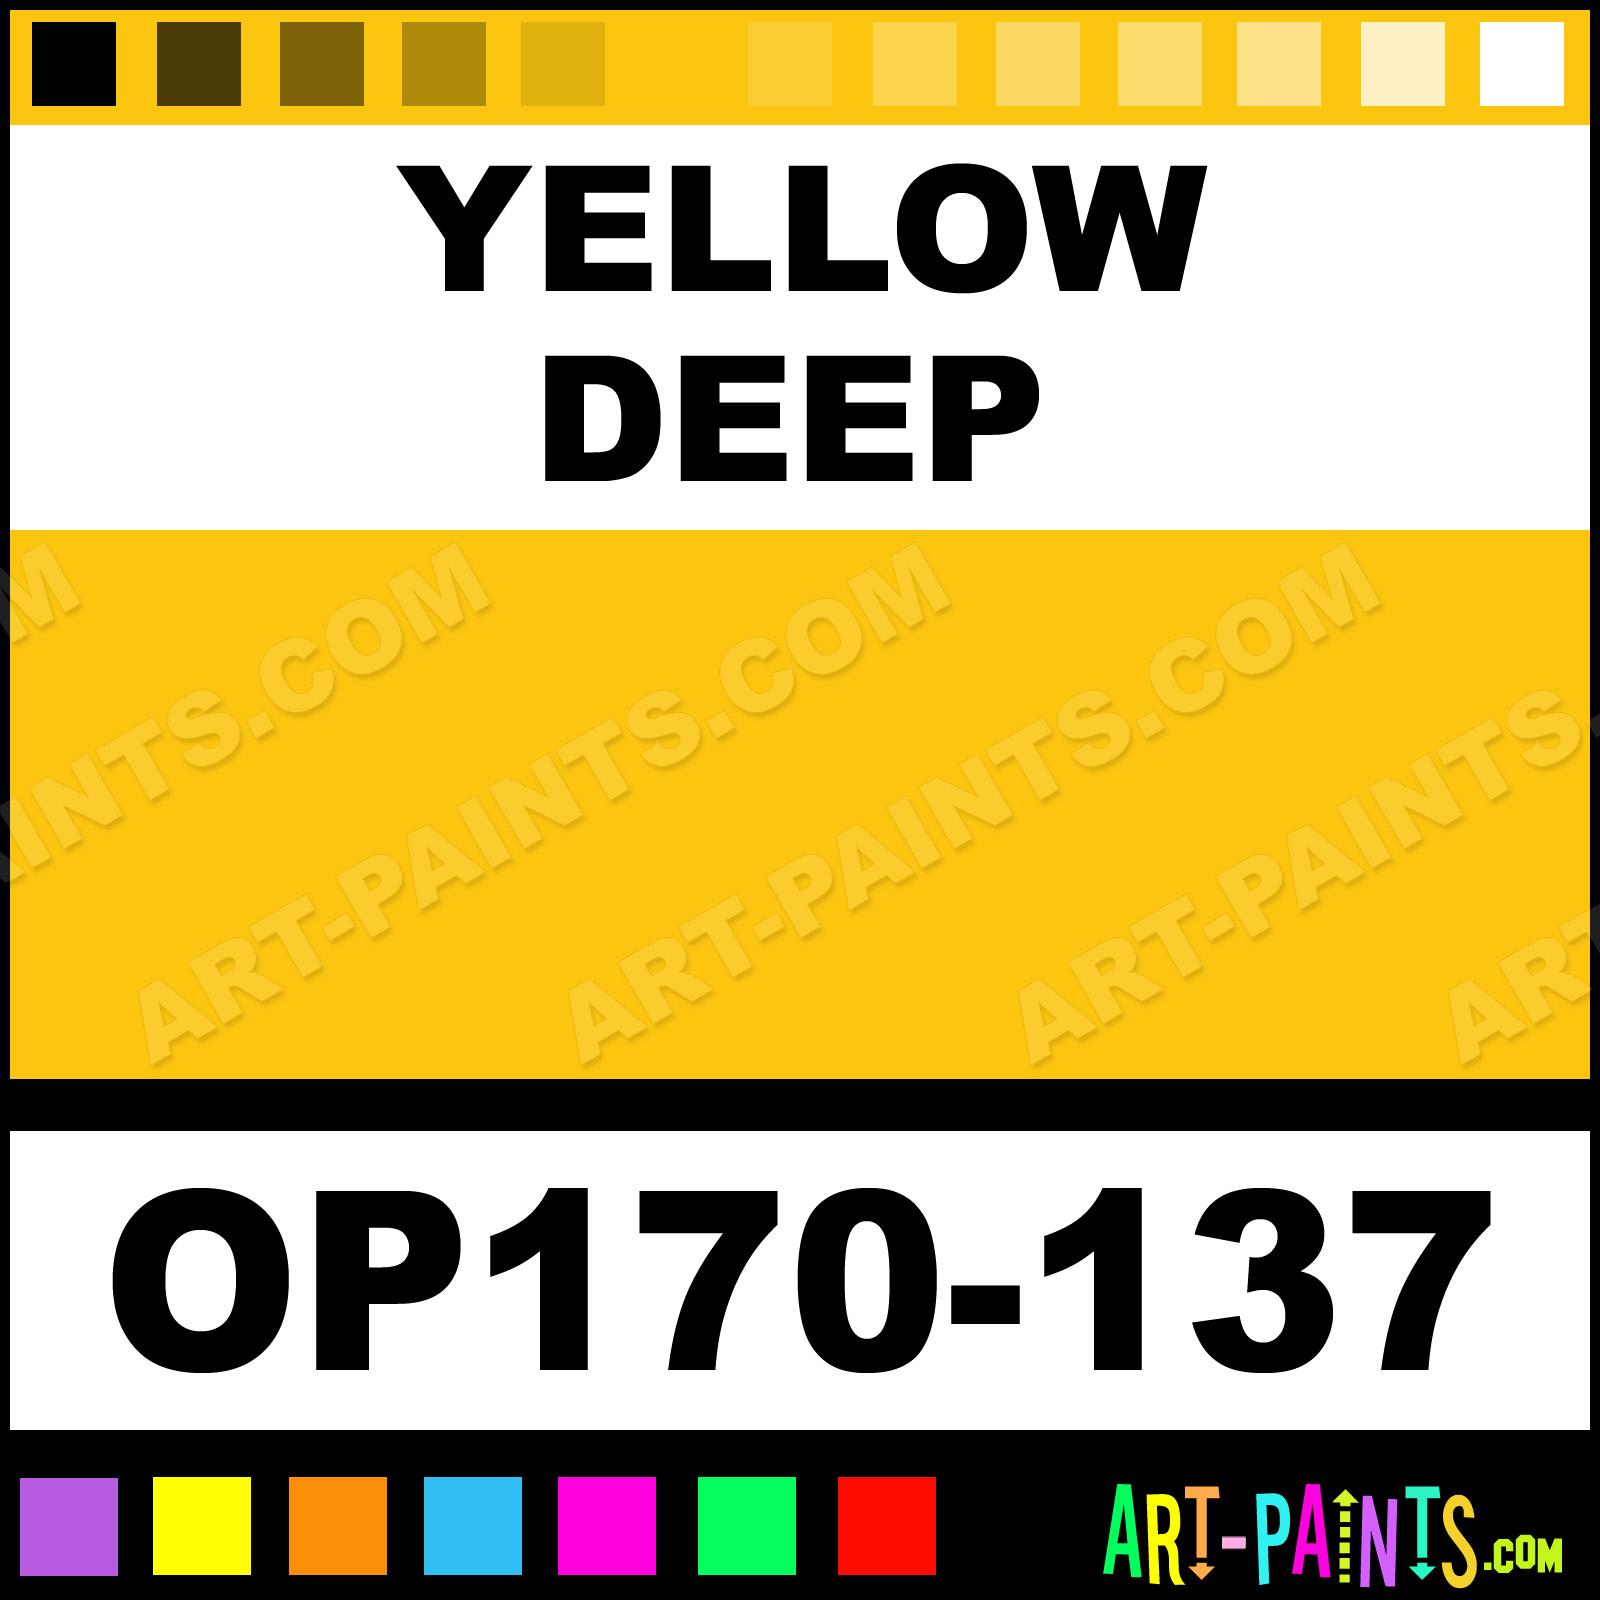 Yellow Deep Artist Oil Paints Op170 137 Yellow Deep